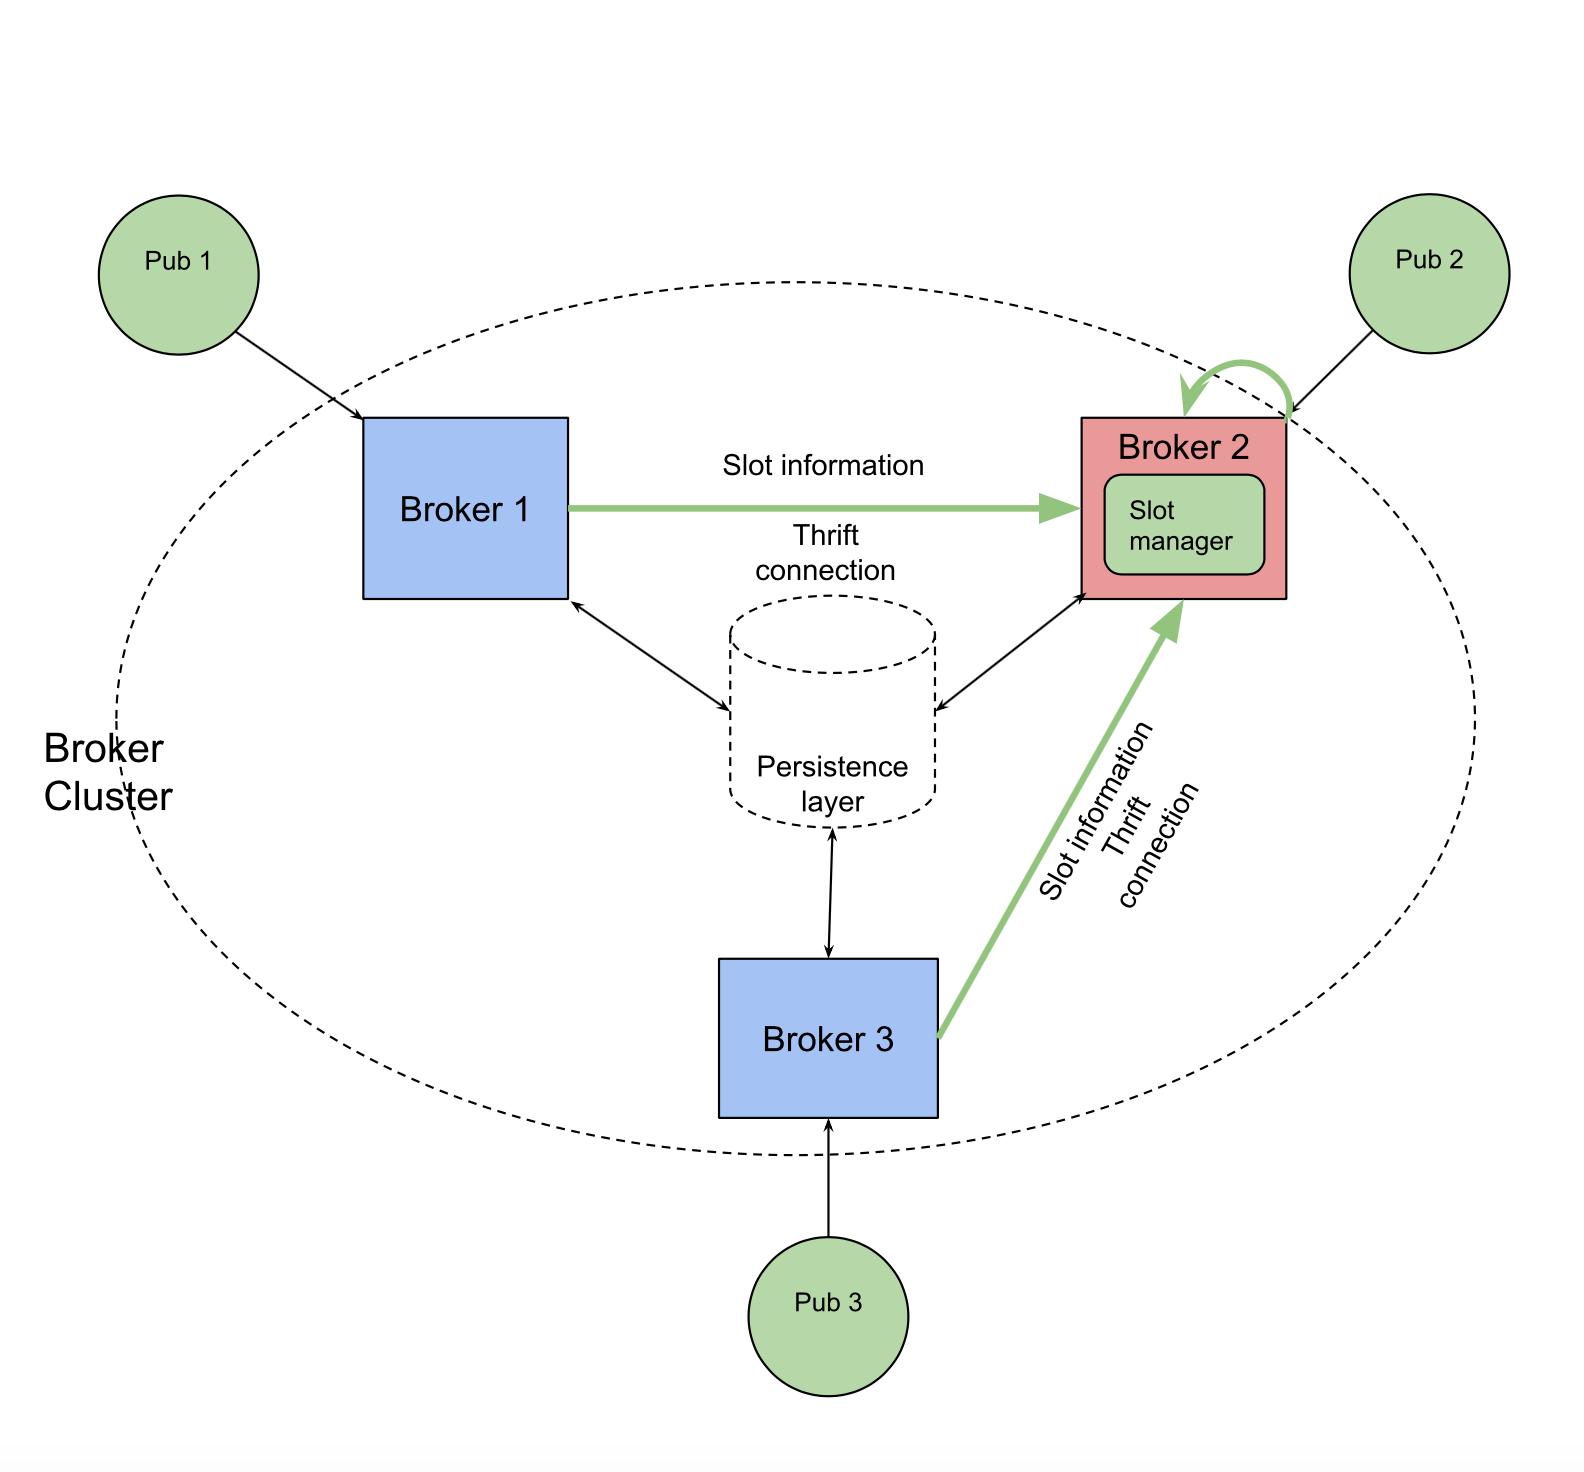 cluster notifications to coordinator node